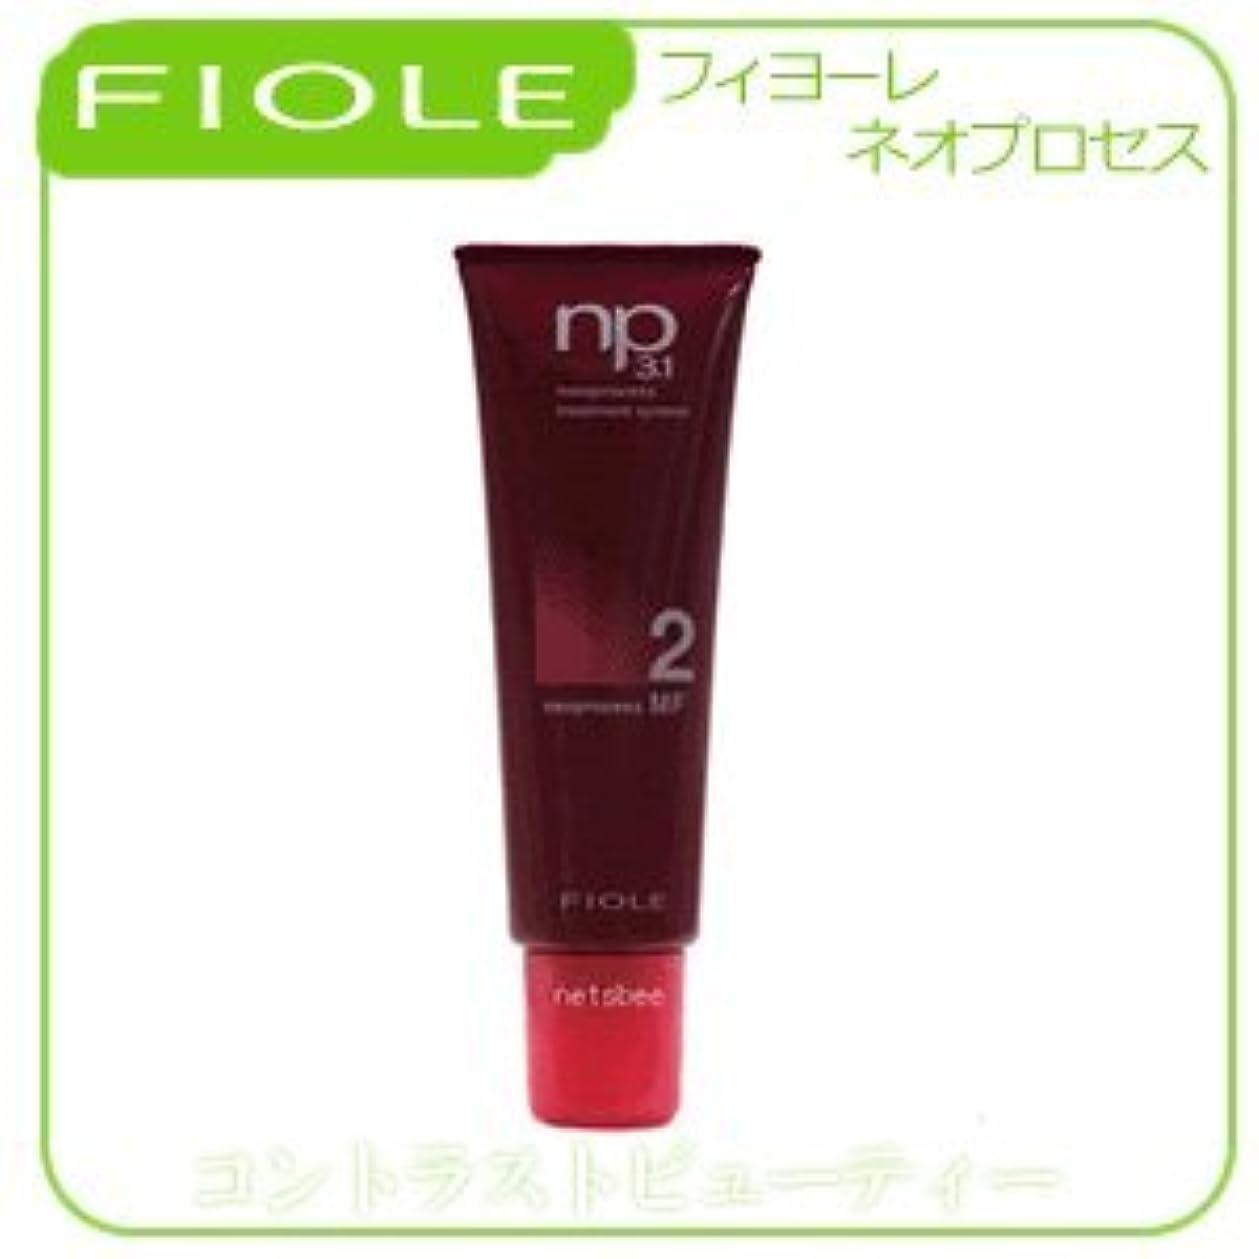 うなるファイル時刻表フィヨーレ NP3.1 ネオプロセス MF2 130g FIOLE ネオプロセス